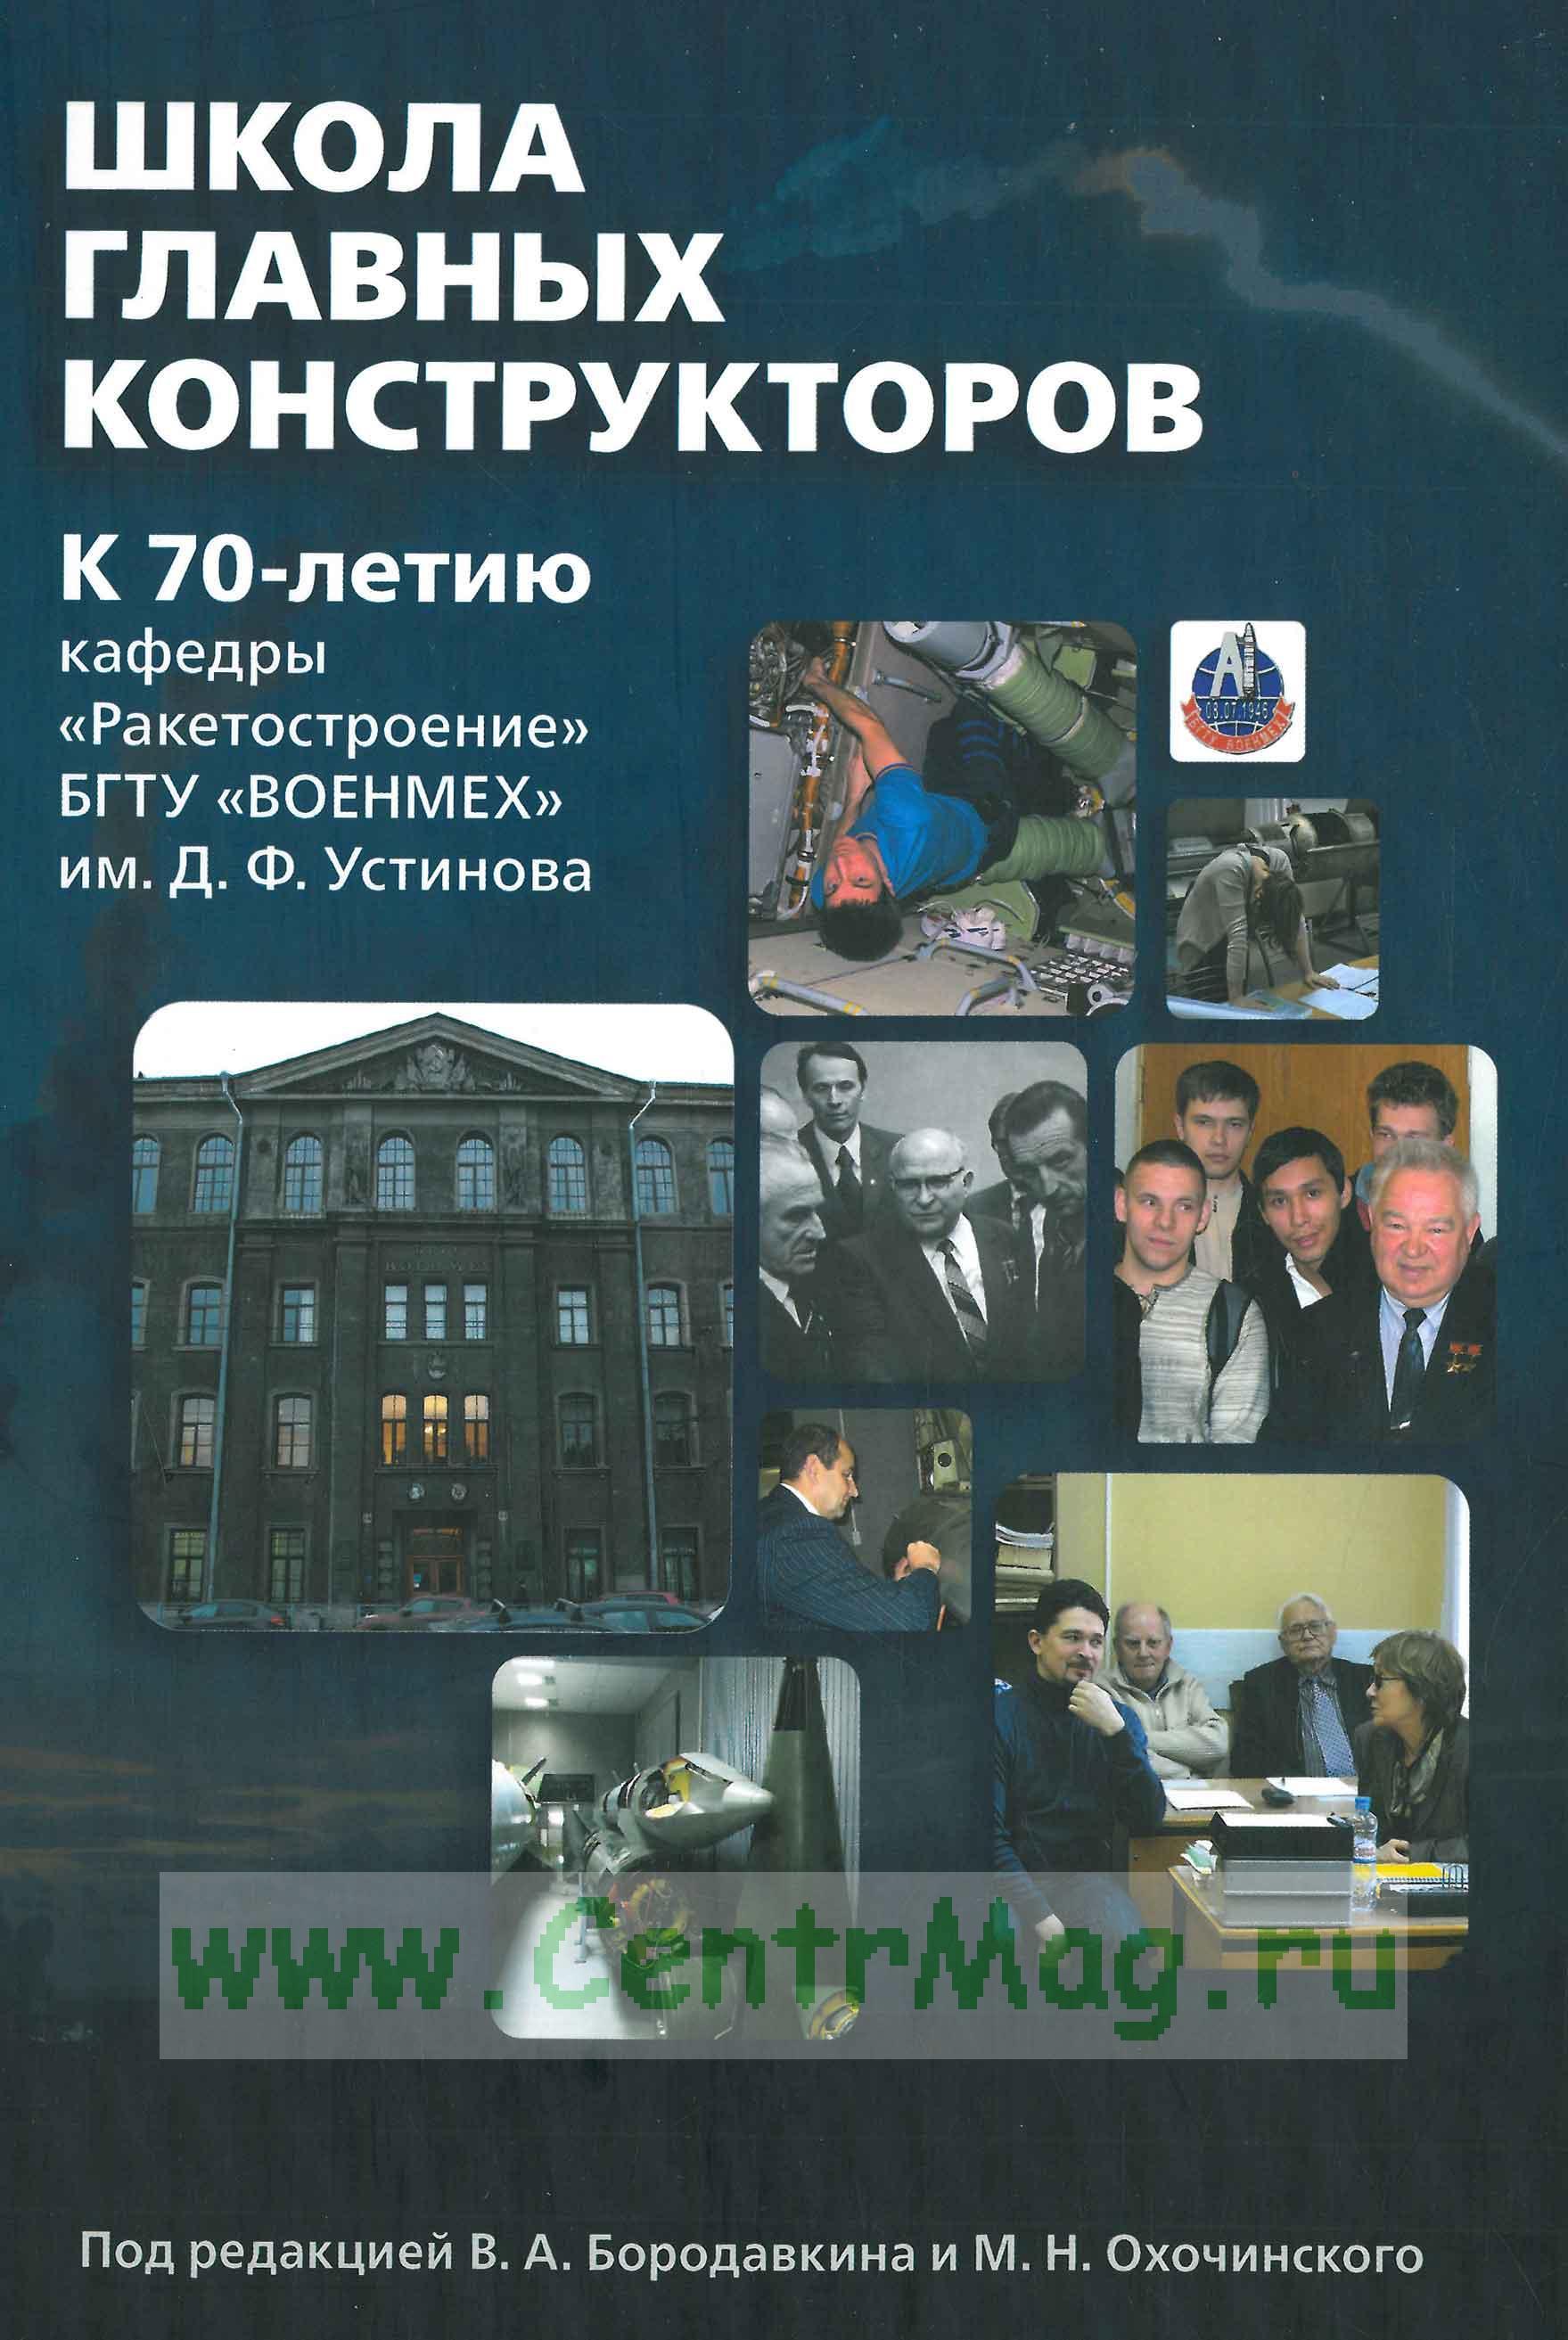 Школа главных конструкторов. К 70-летию кафедры